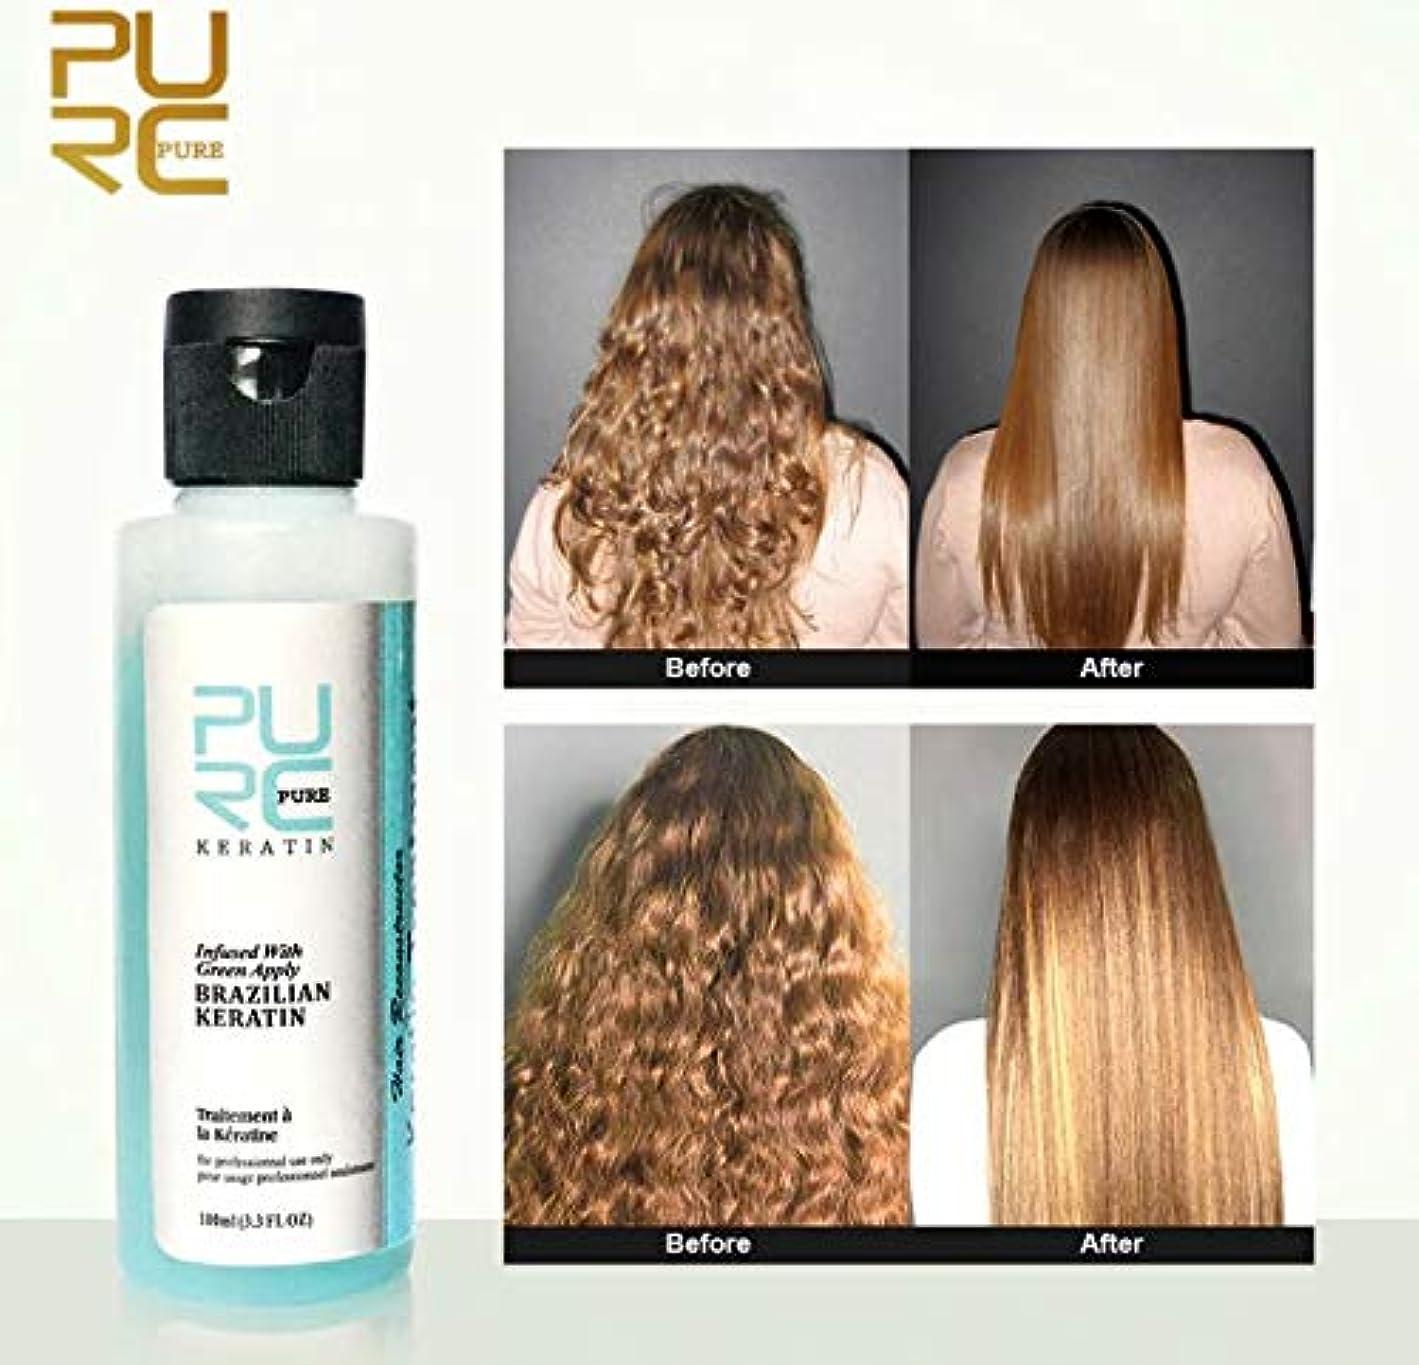 修羅場山分岐するPURC 3.7% Apple Flavor Keratin Treatment Straightening Hair Repair Damage Frizzy Hair Brazilian Keratin Treatment Hair Care (PURC 3.7%アップルフレーバーケラチントリートメント矯正ヘアリペアダメージフリージーヘアブラジルケラチントリートメントヘアケア)